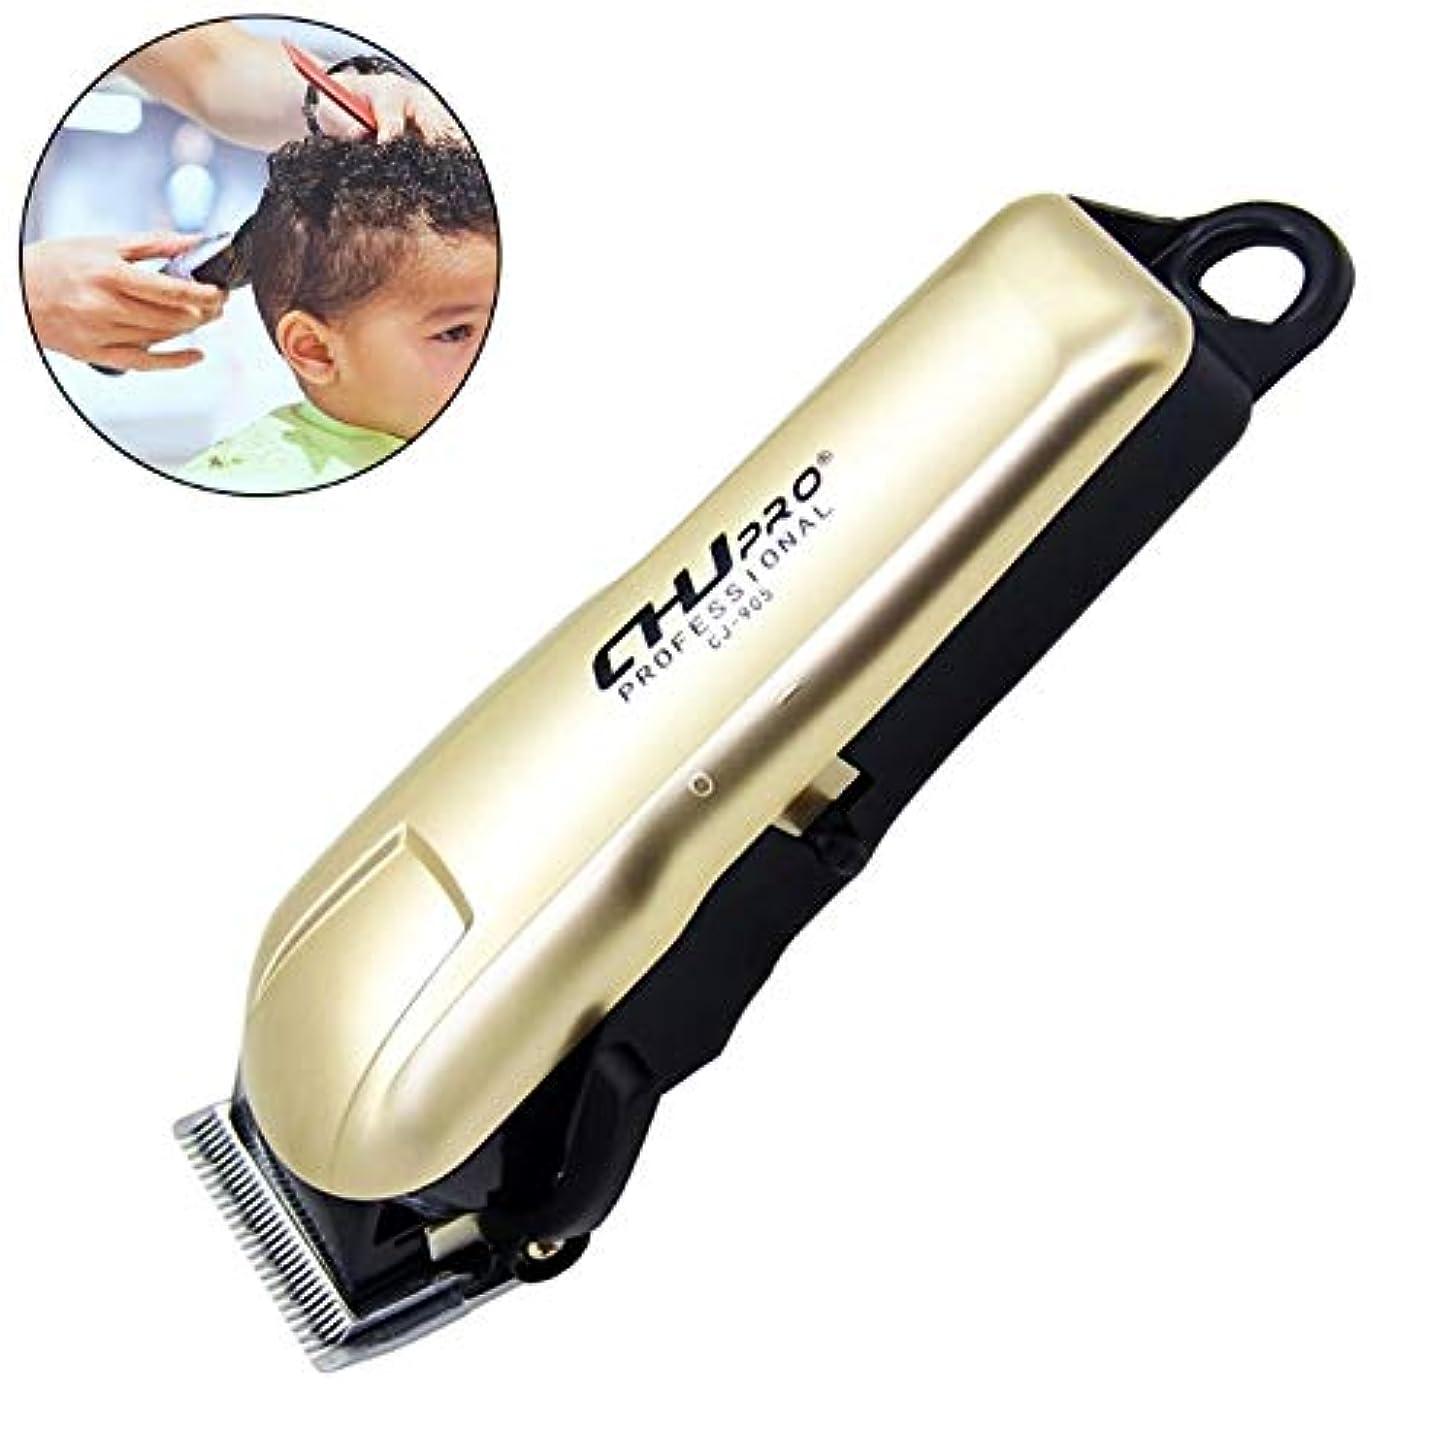 不安定マイナス究極のWTYD 美容ヘアツール 赤ちゃんの男のヘアカットマシンの充電式USBサイレント電動ヘアシェーバー